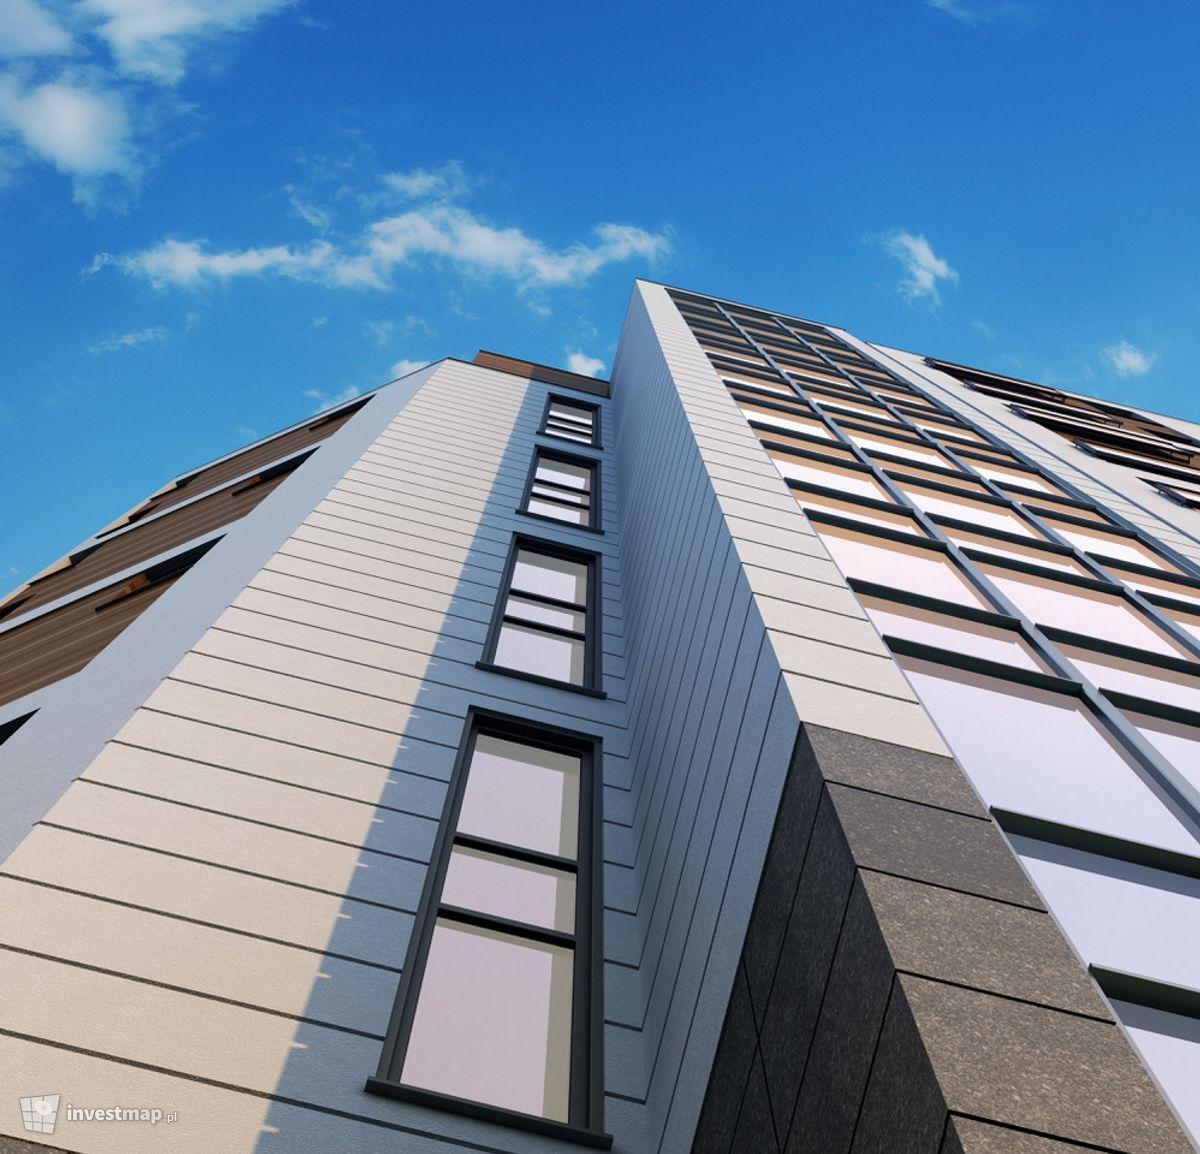 Wizualizacja Budynek wielorodzinny Lofty Norwida dodał Kajtman